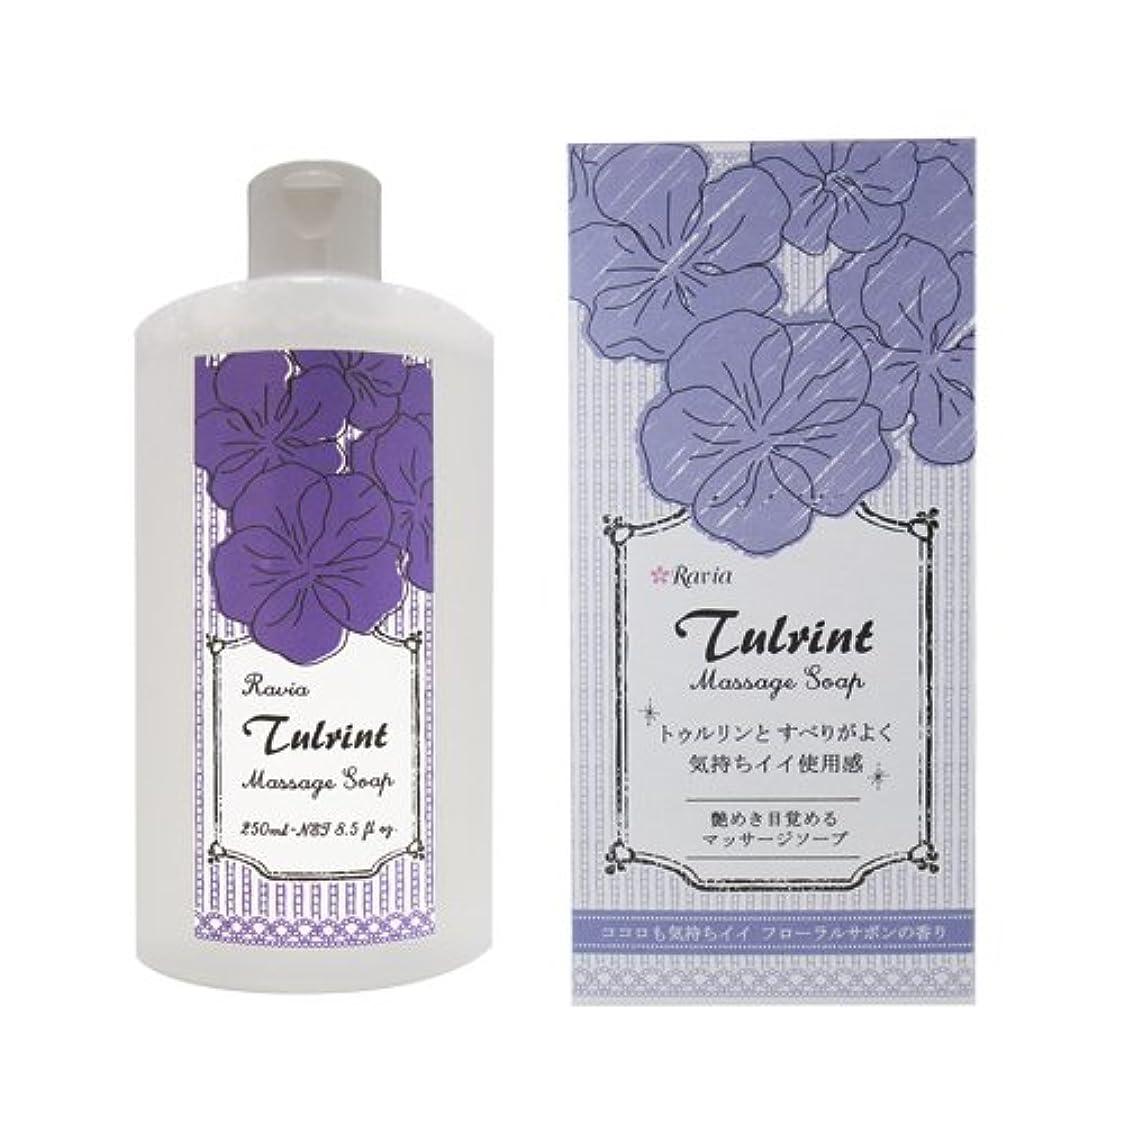 違う優しいバナー【マッサージソープ】ラヴィア(Ravia) トゥルリント マッサージソープ(Tulrint Massage soap) 250ml フローラルサボンの香り